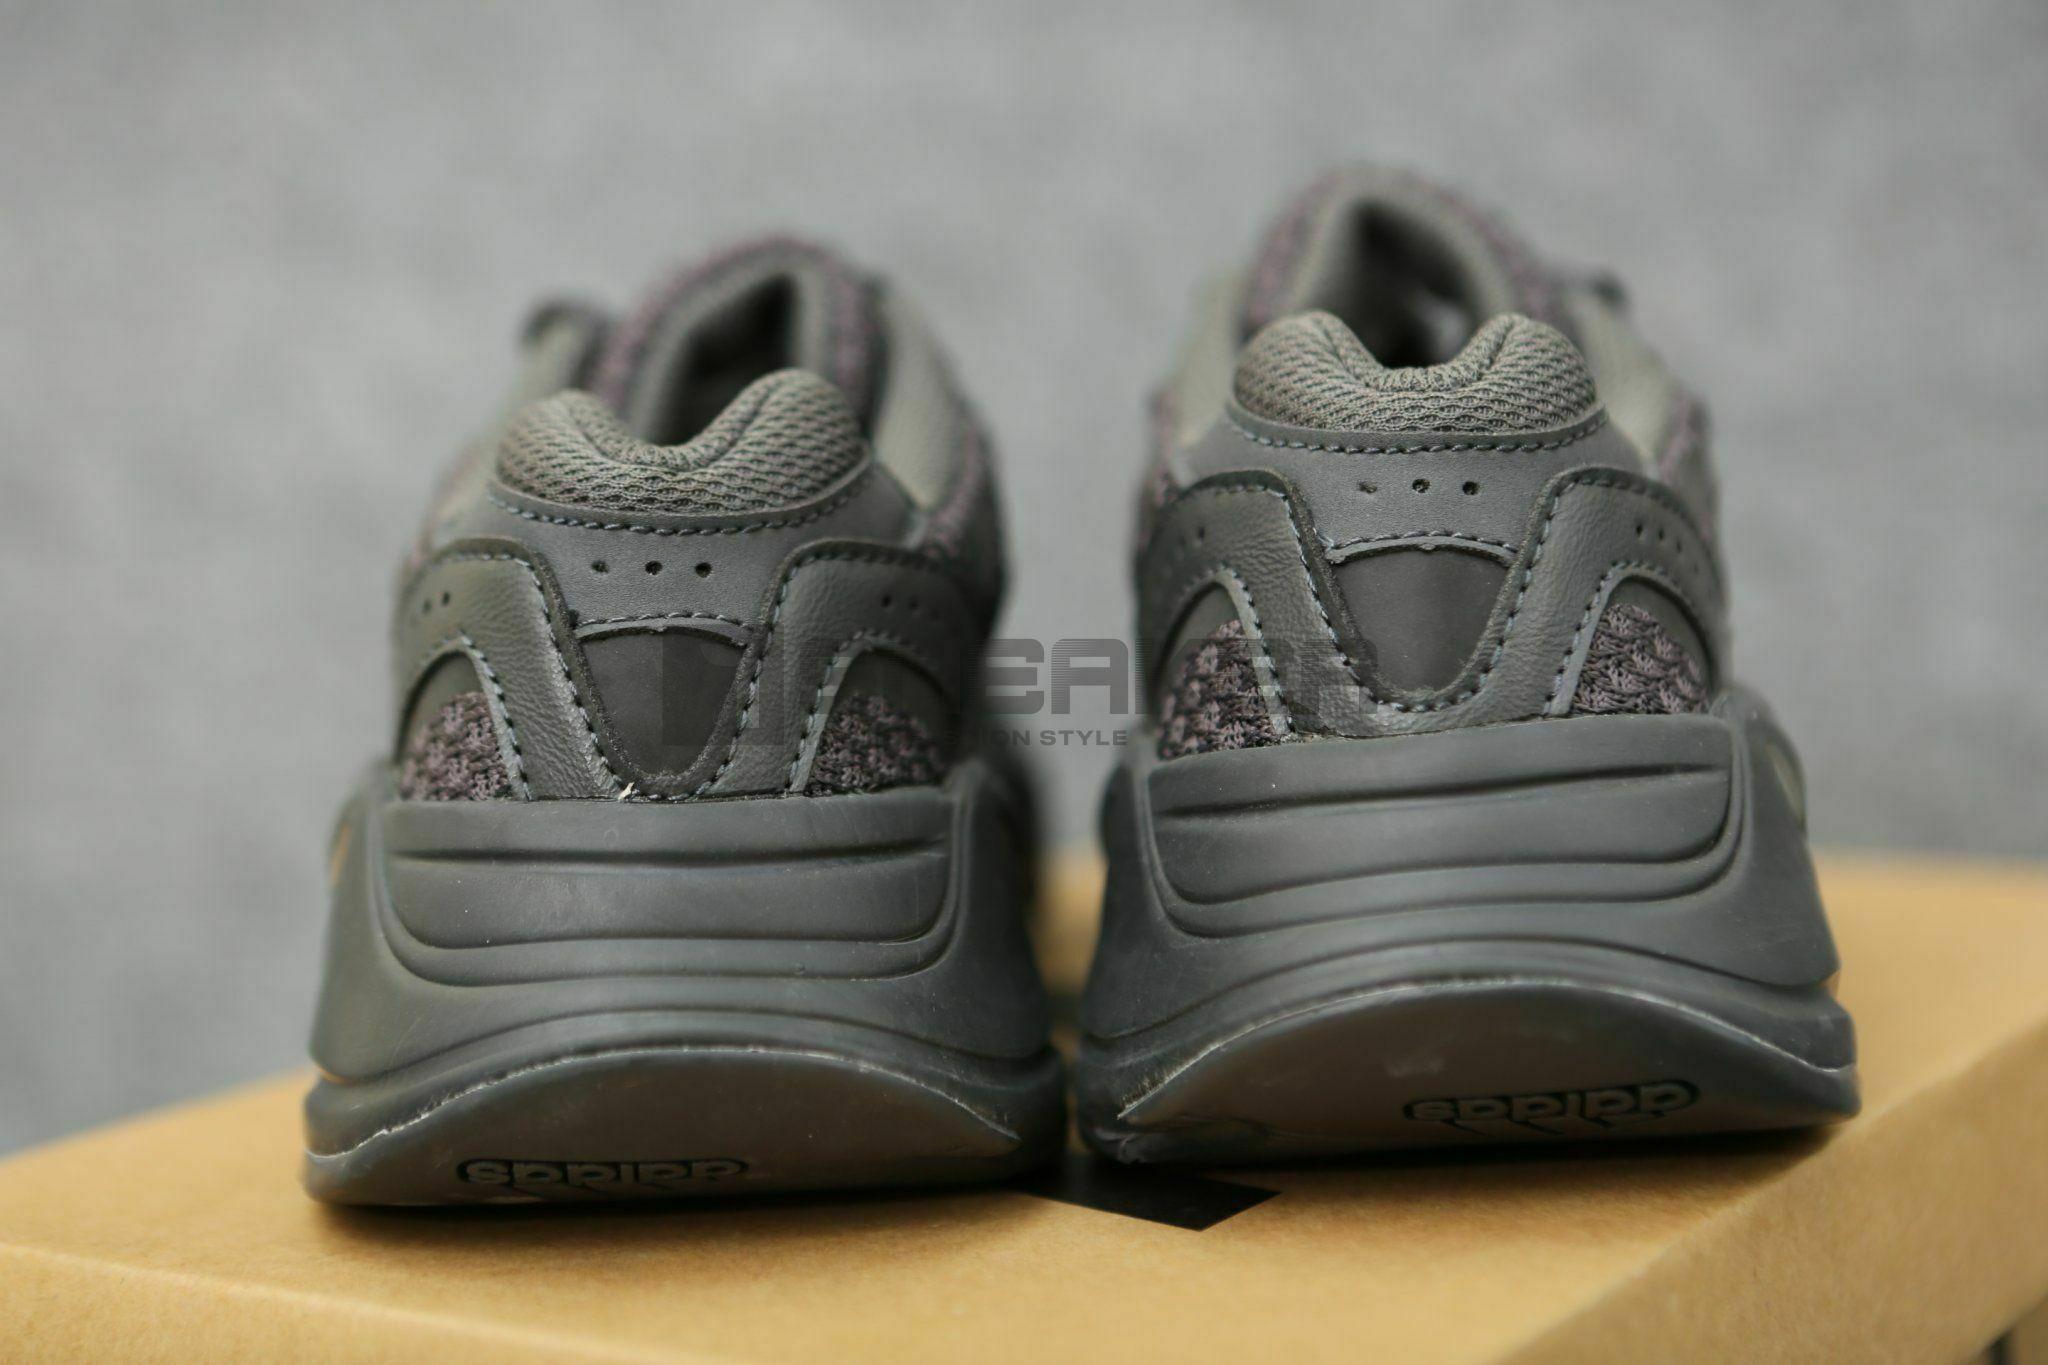 Adidas Yeezy Đen V2 700 Vanta Black mặt sau